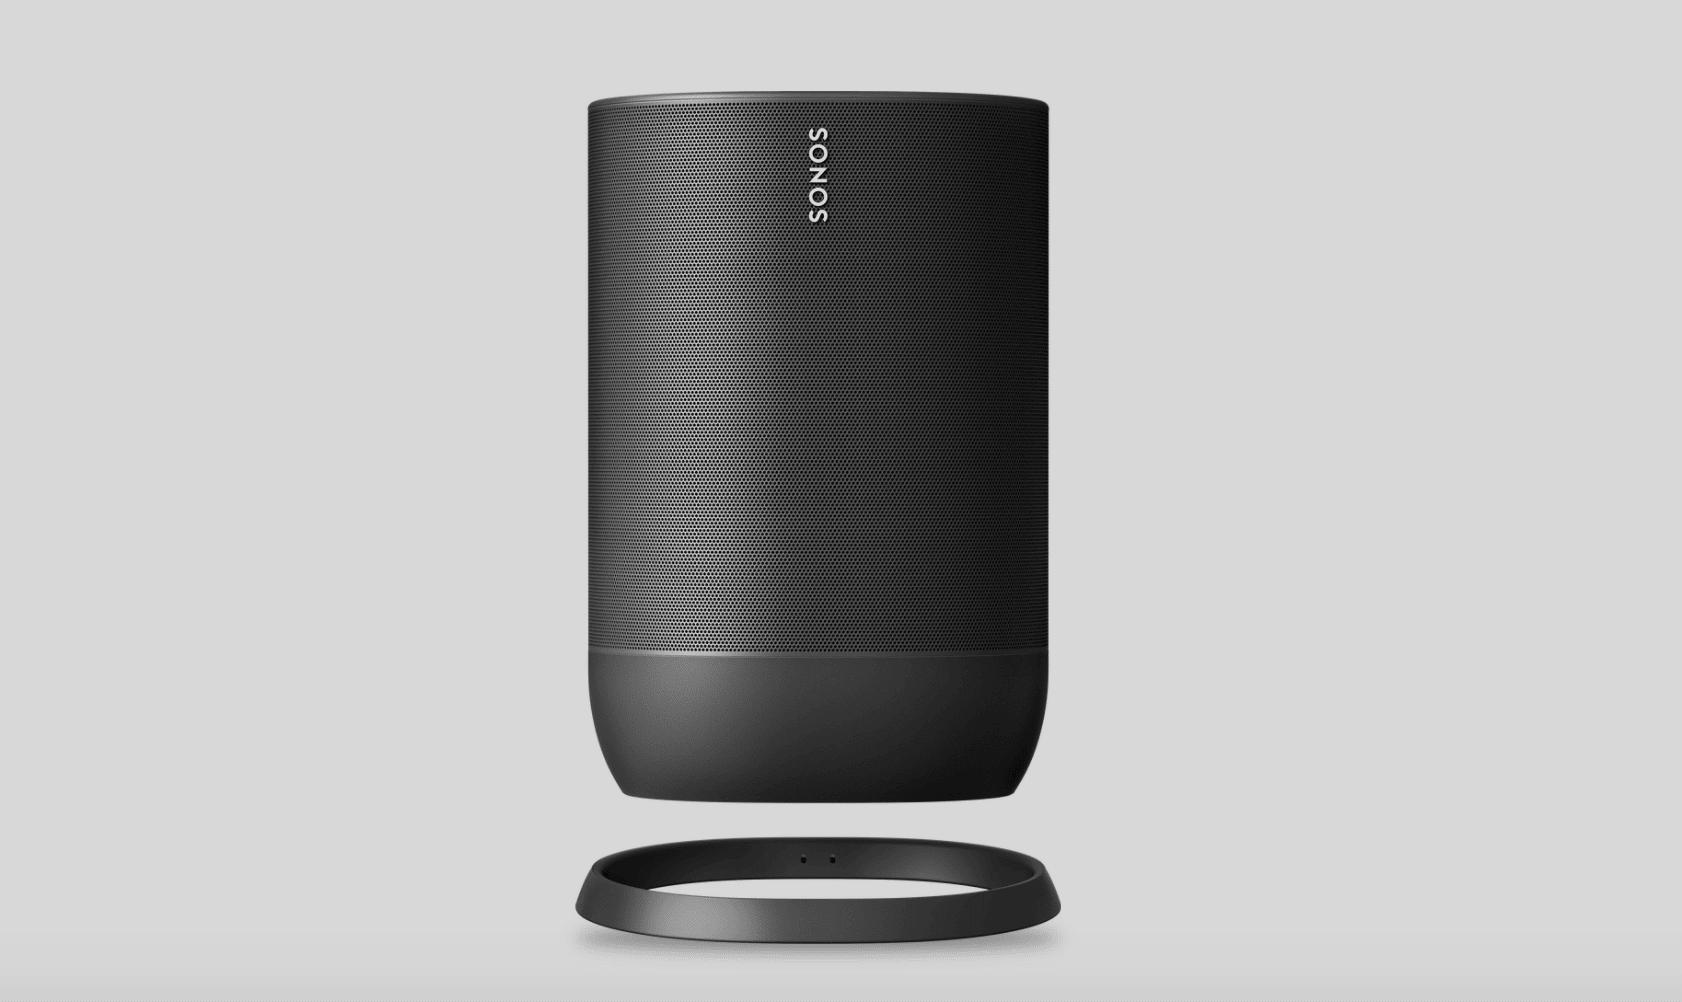 SONOS bringt ersten portablen Lautsprecher und mehr